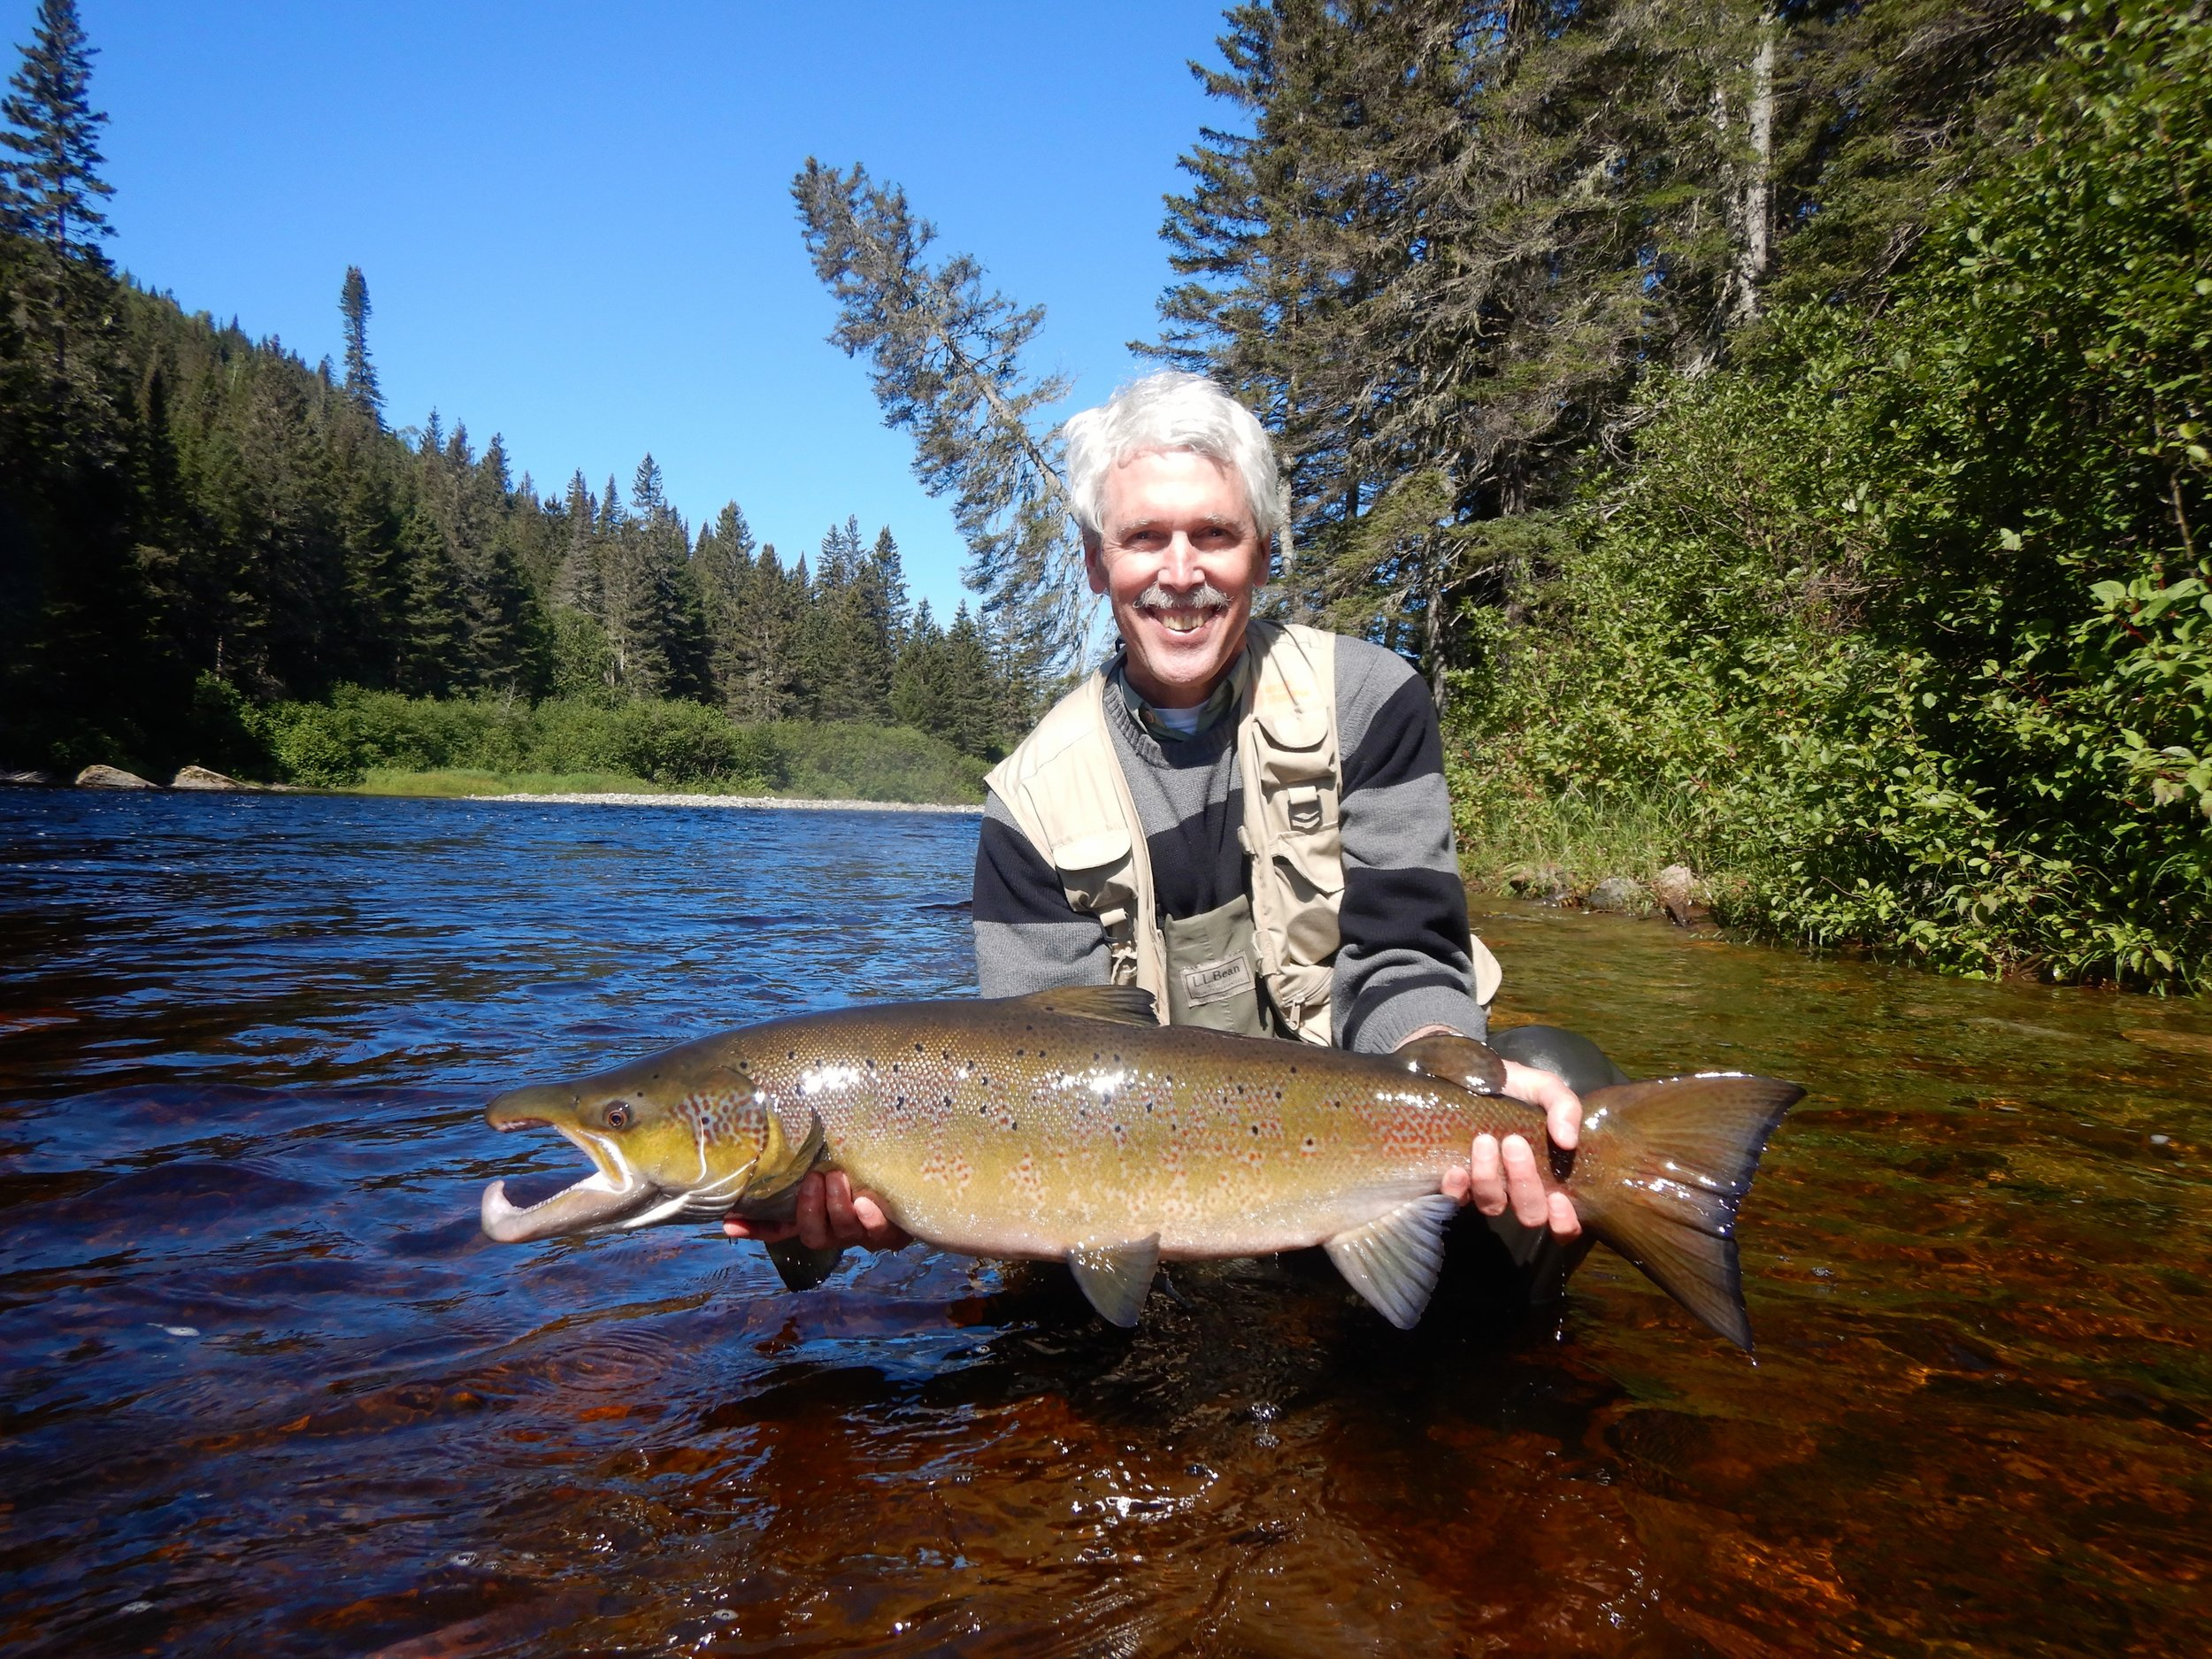 Notre nouvel ami David Preston a battu son record personnel cette semaine en capturant cette belle prise dans la rivière Cascapédia! C'est la réalisation d'un beau rêve! Nous sommes heureux d'y avoir participé!